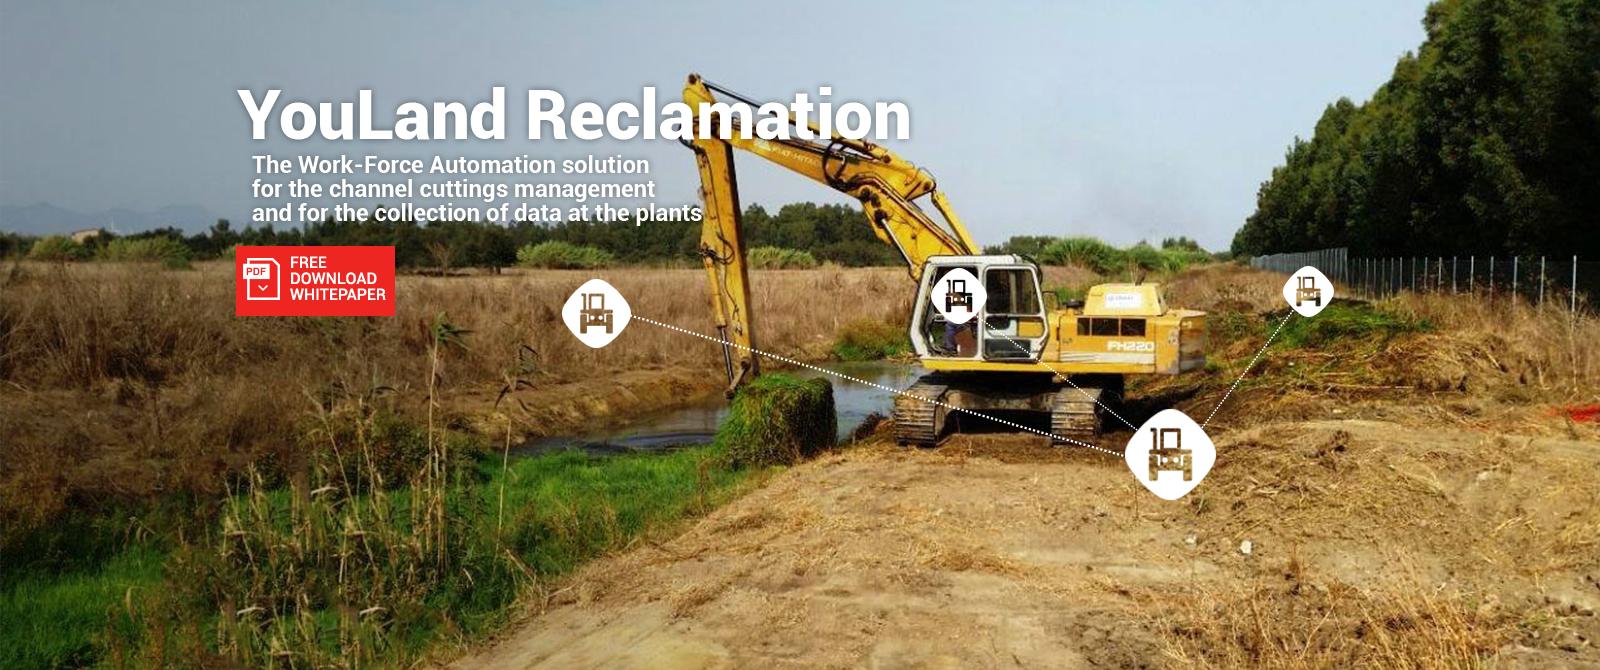 youland_reclamation